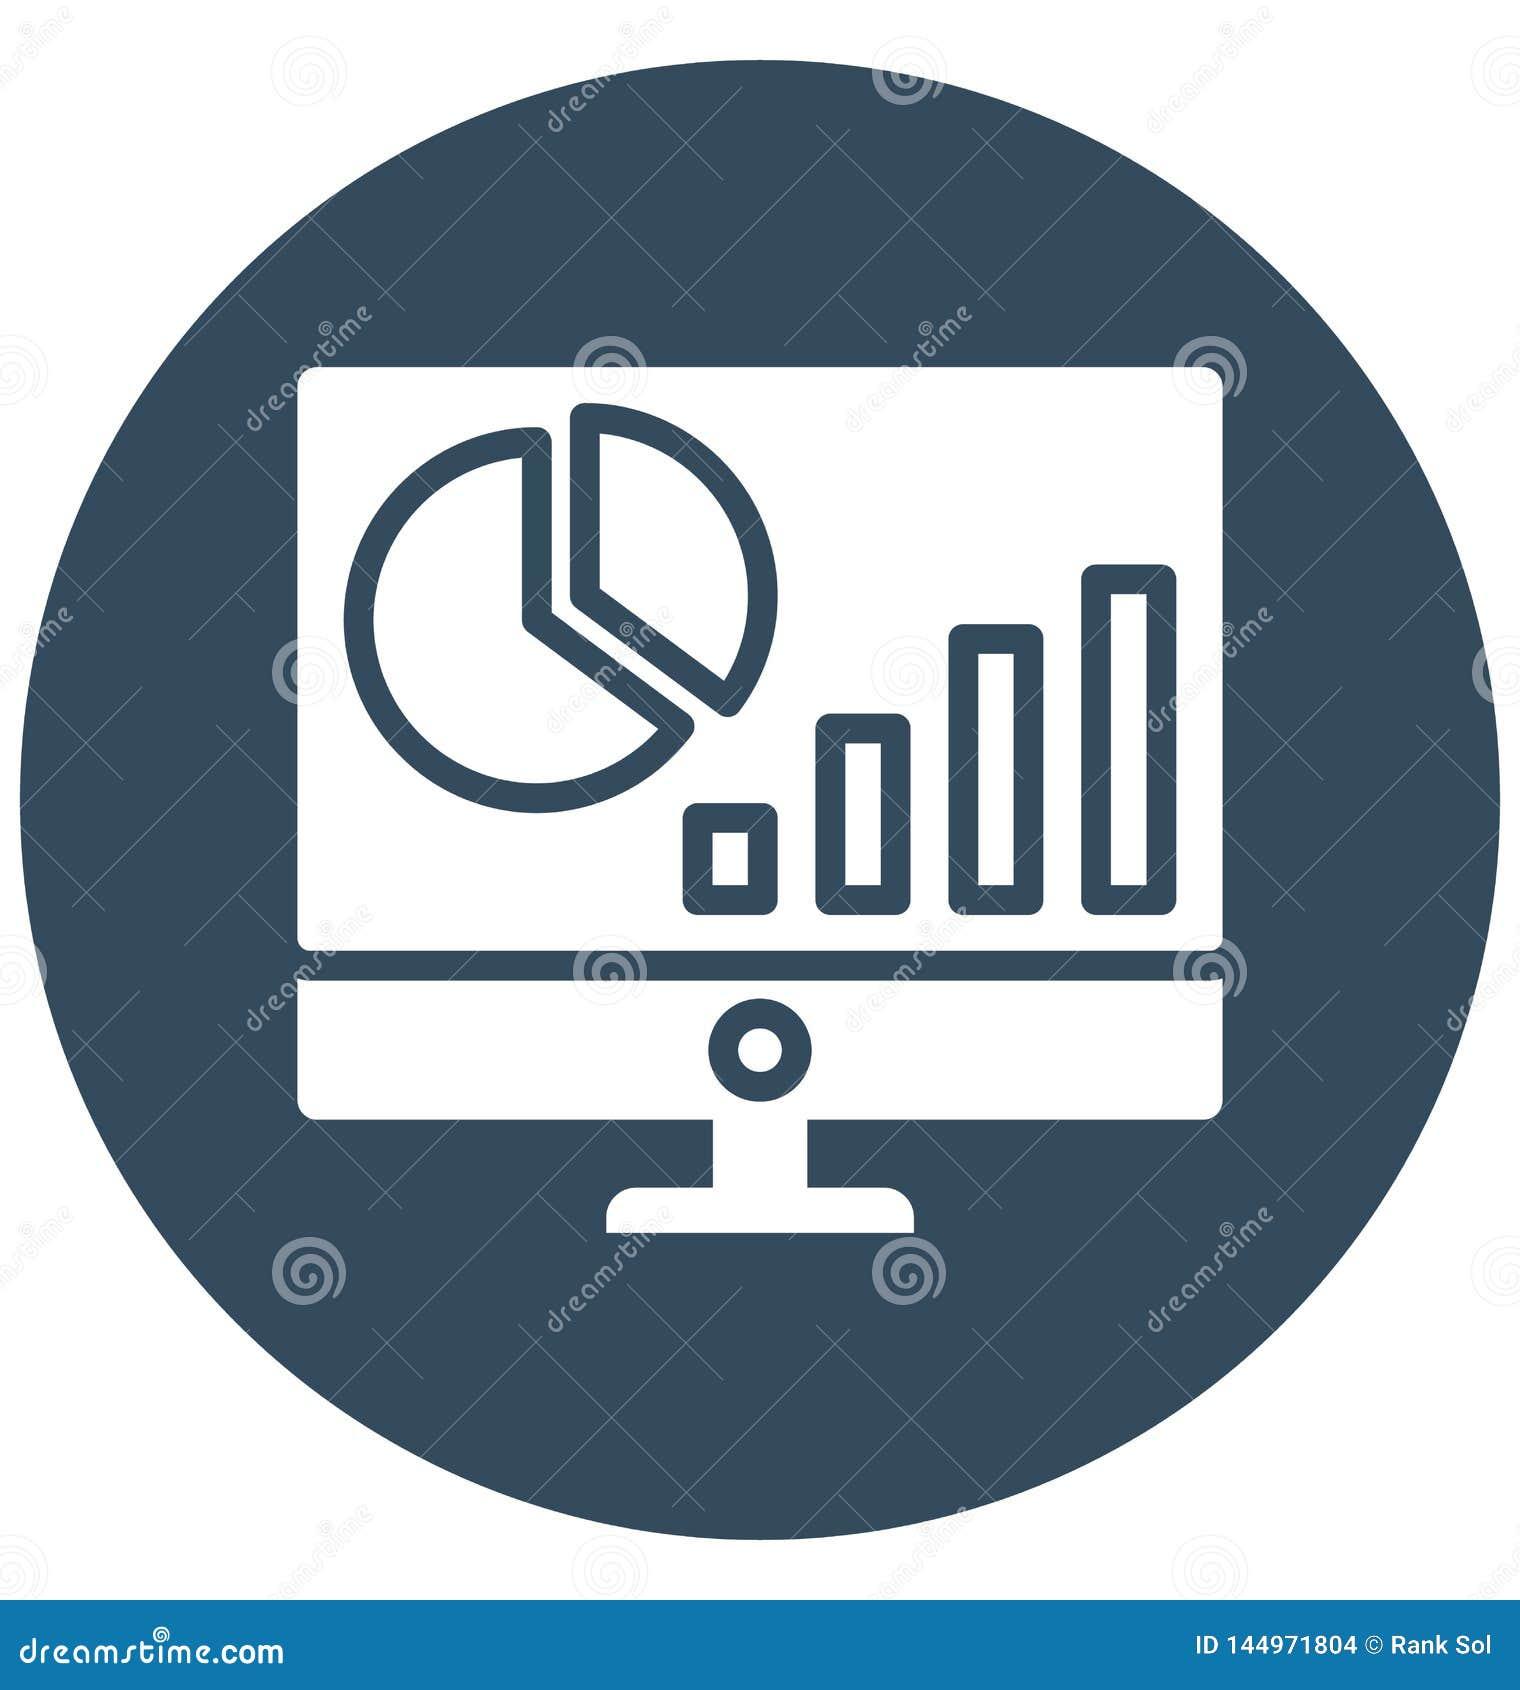 Lokalisierte Vektorikone Busi Businesss lokalisierte Bewertung, die easilness Bewertung kann, Vektorikone, die leicht ?ndern oder